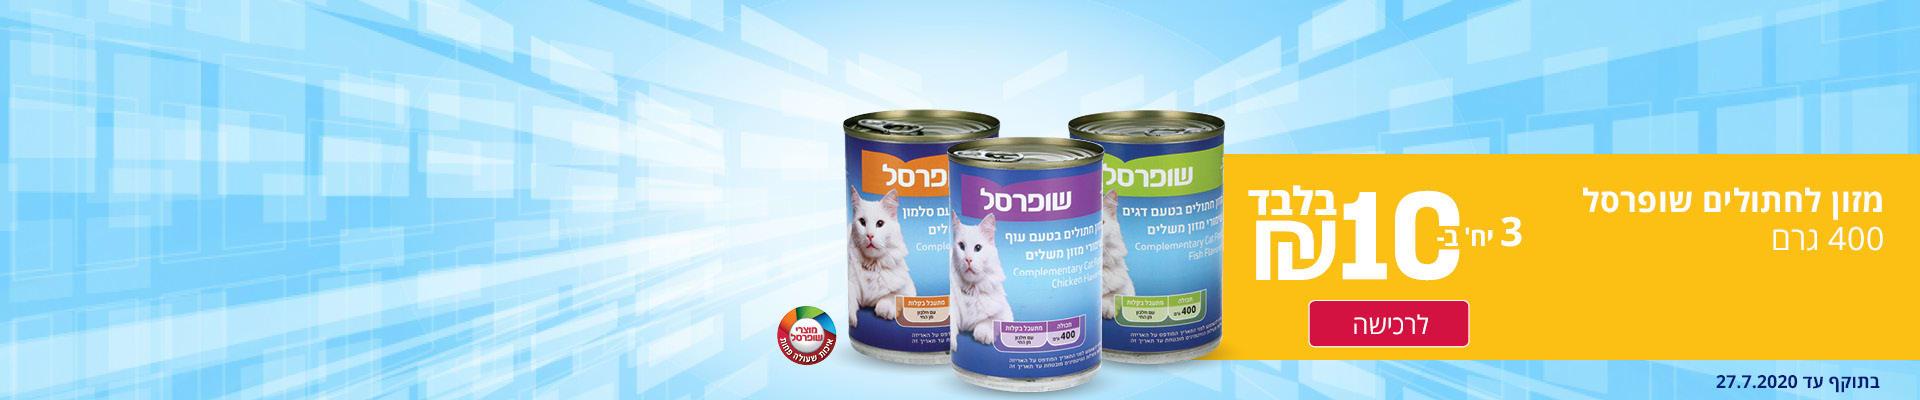 מזון לחתול שופרסל 400 גרם 3 יחידות ב 10 ₪. בתוקף עד 27.7.2020